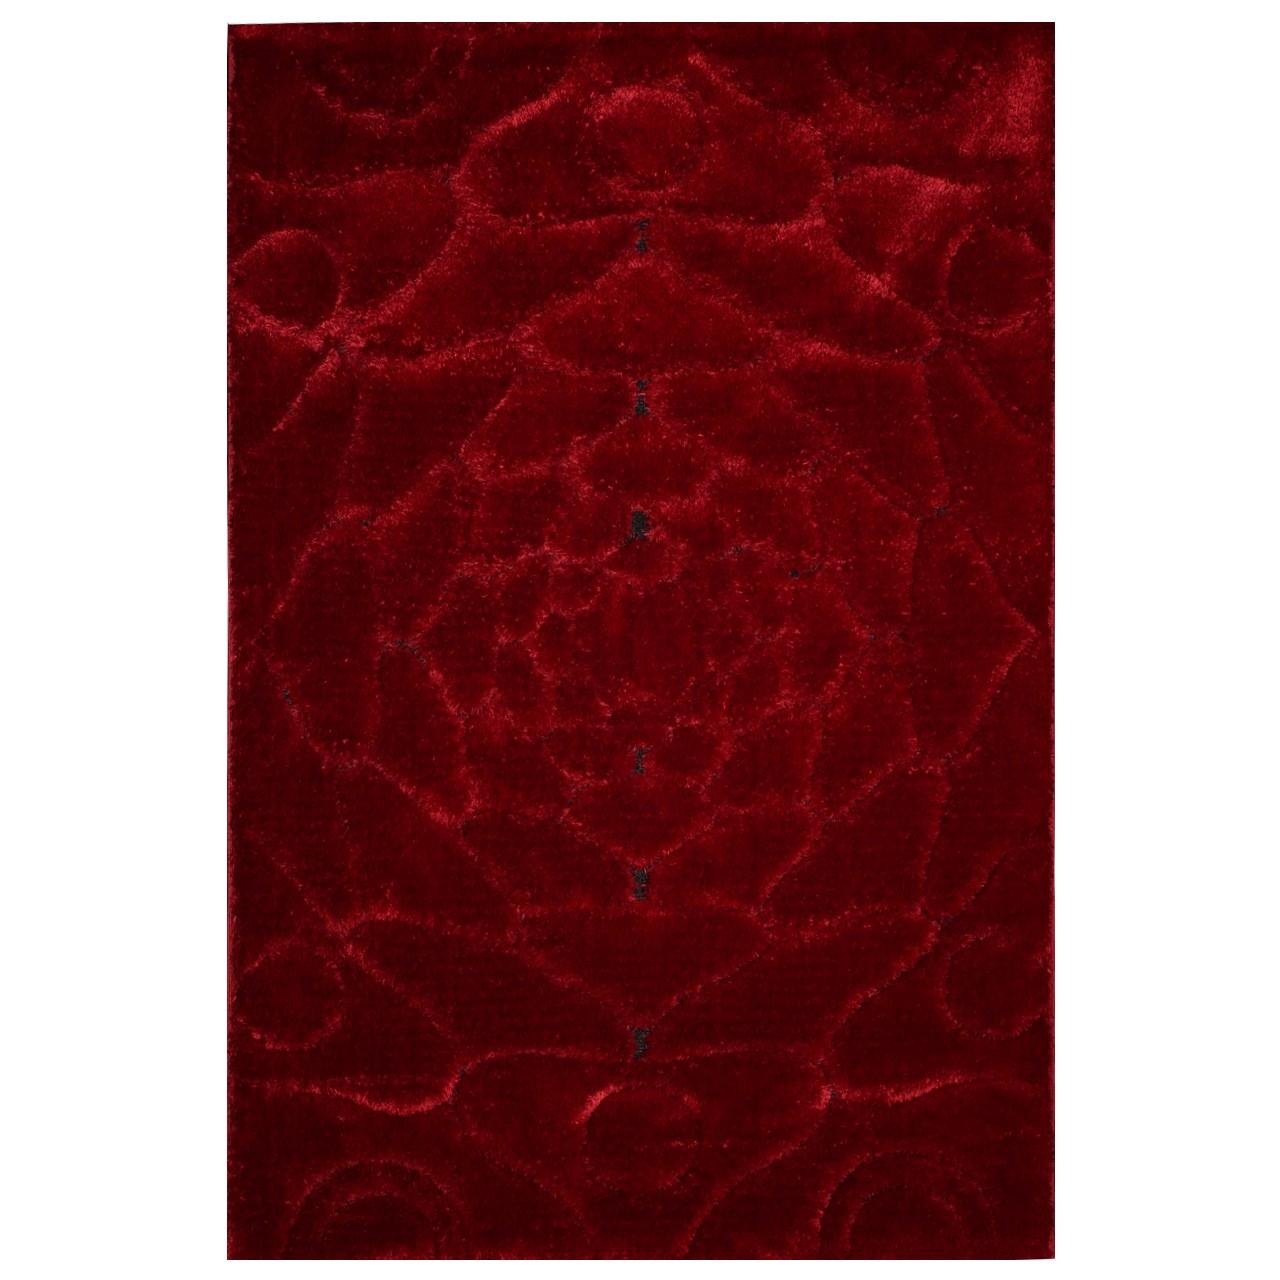 فرش فانتزی شگی 11086 قرمز